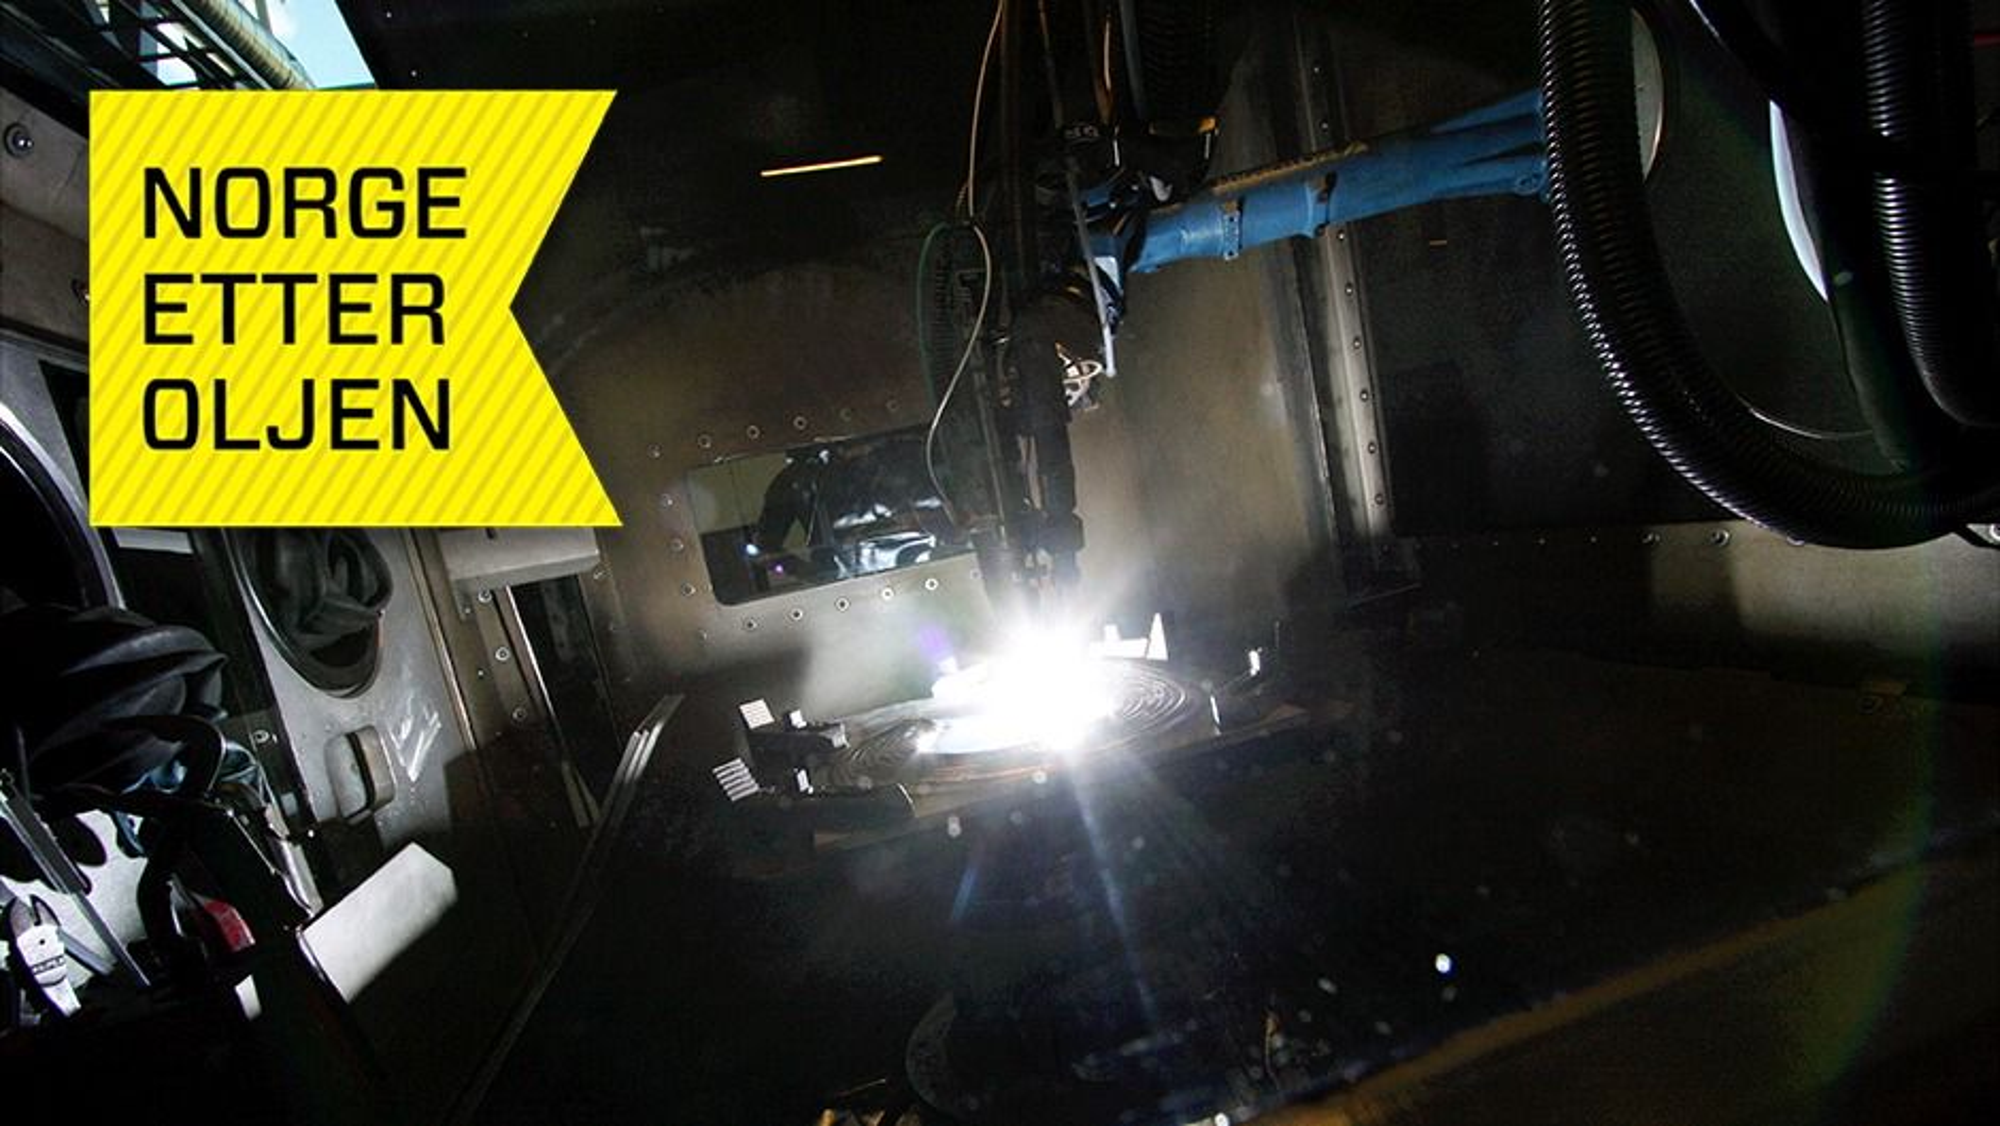 Norsk Titanium på Hønefoss har siden 2007 utviklet en teknologi som gjør at man bruker en 3D-print metode for å fremstille titankomponenter.